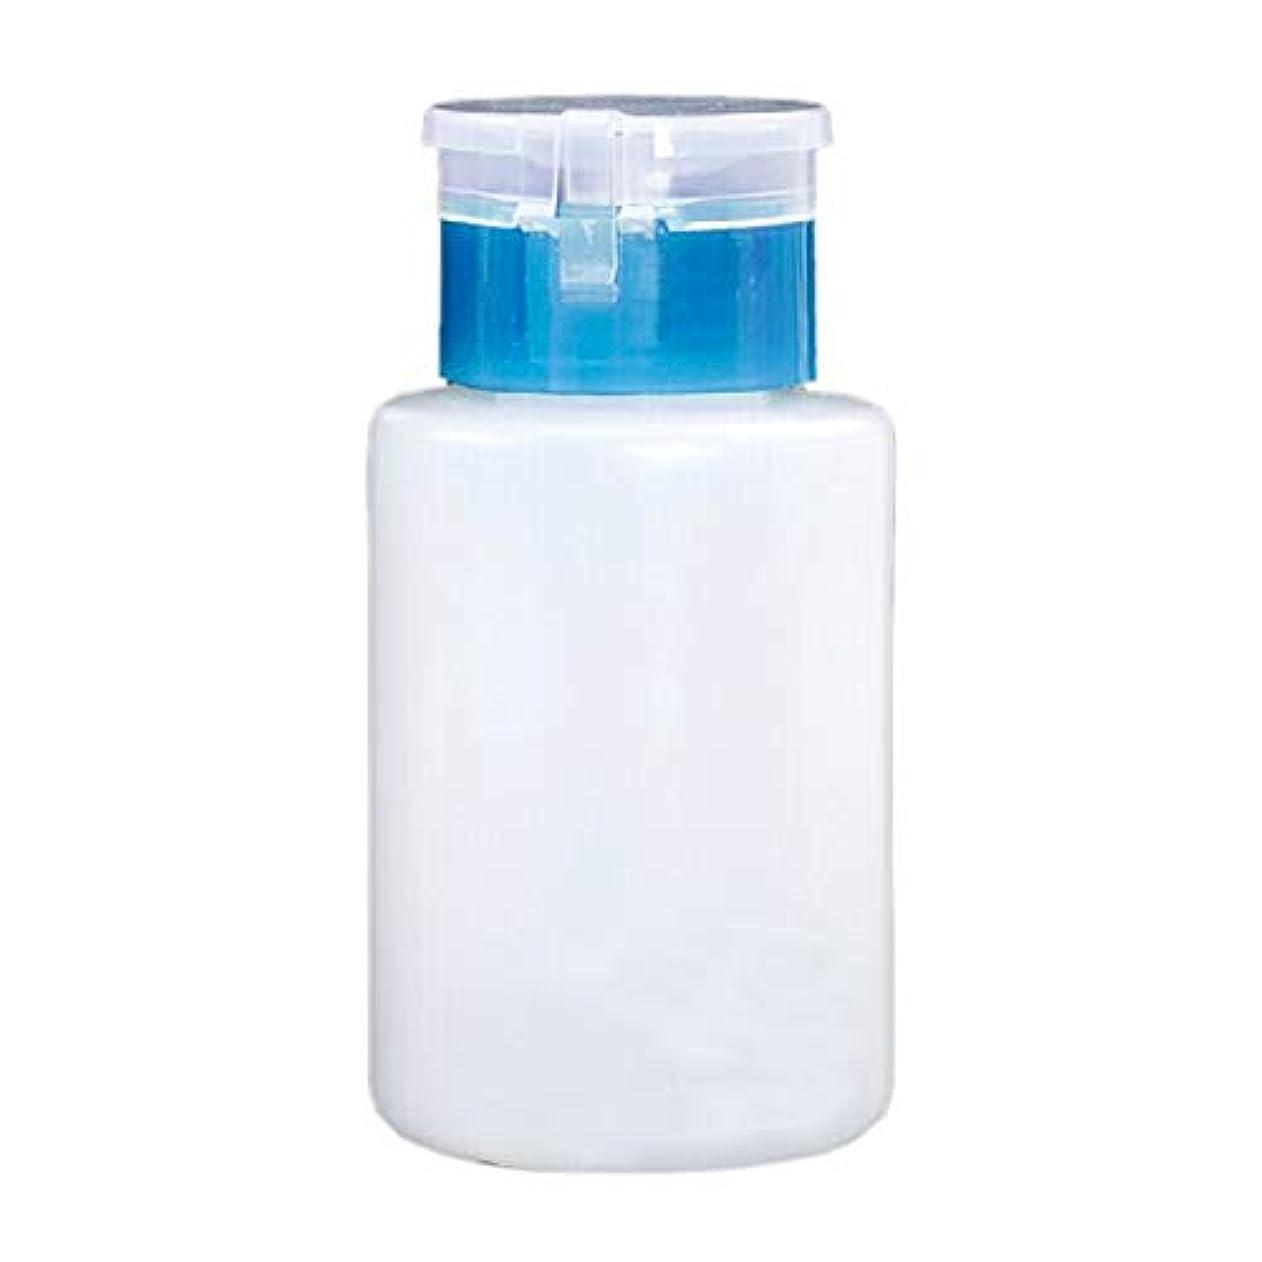 マーキーアンタゴニストデコレーションMoligh doll 150MLネイルオイルボトル メーク落としアセトンポンプ ディスペンサーボトル(ブルー)